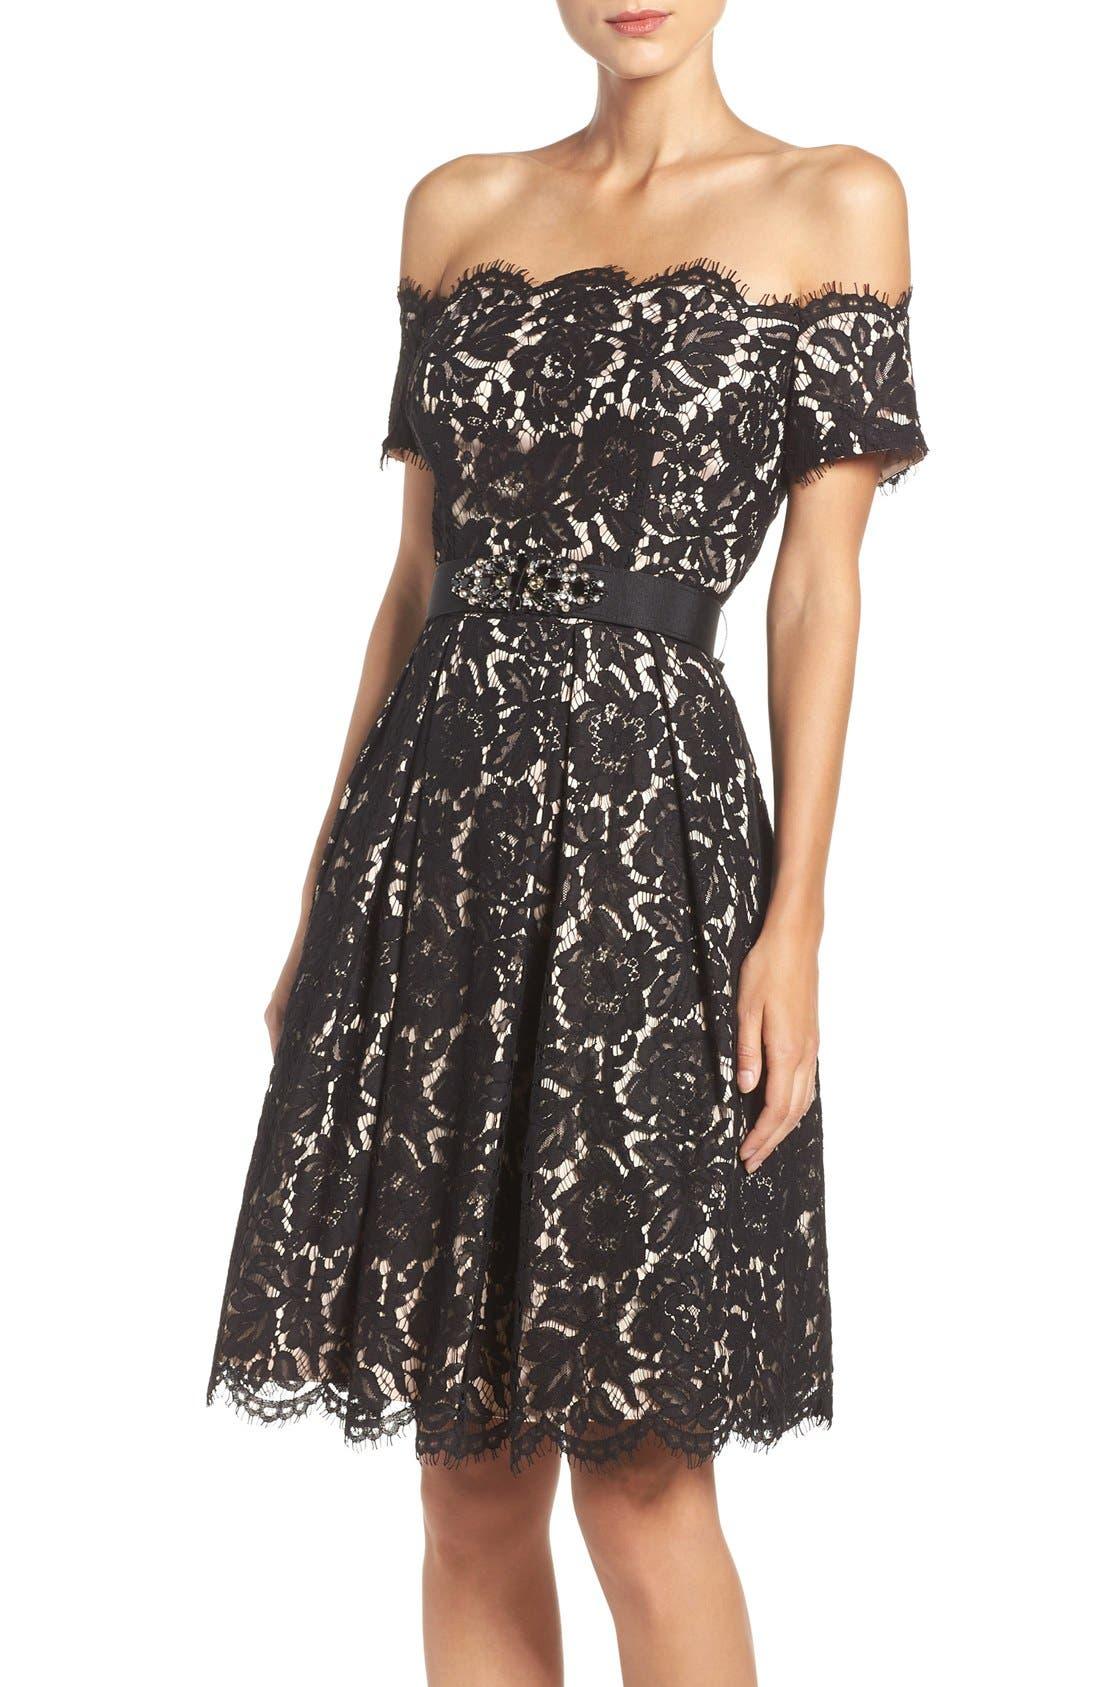 Alternate Image 1 Selected - Eliza J Embellished Lace Fit & Flare Dress (Regular & Petite)